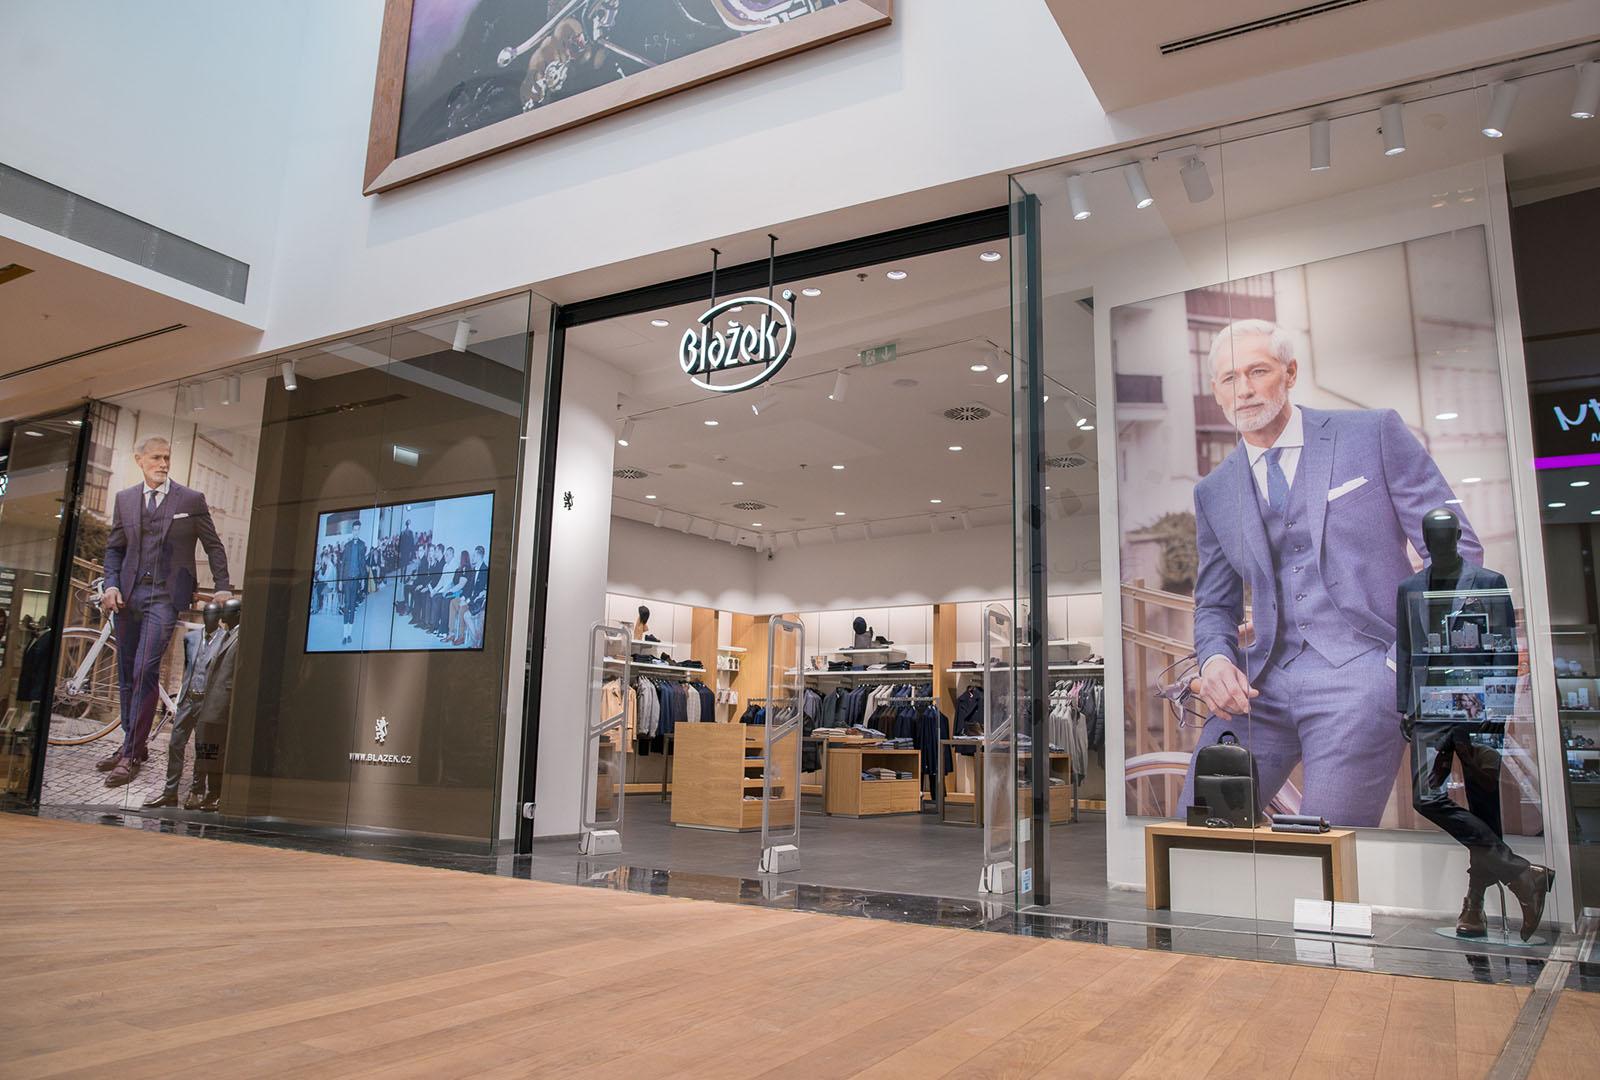 Navštivte nás v Centrum Chodov v krásném obchodě zrekonstruovaném podle nového shop conceptu Blažek.